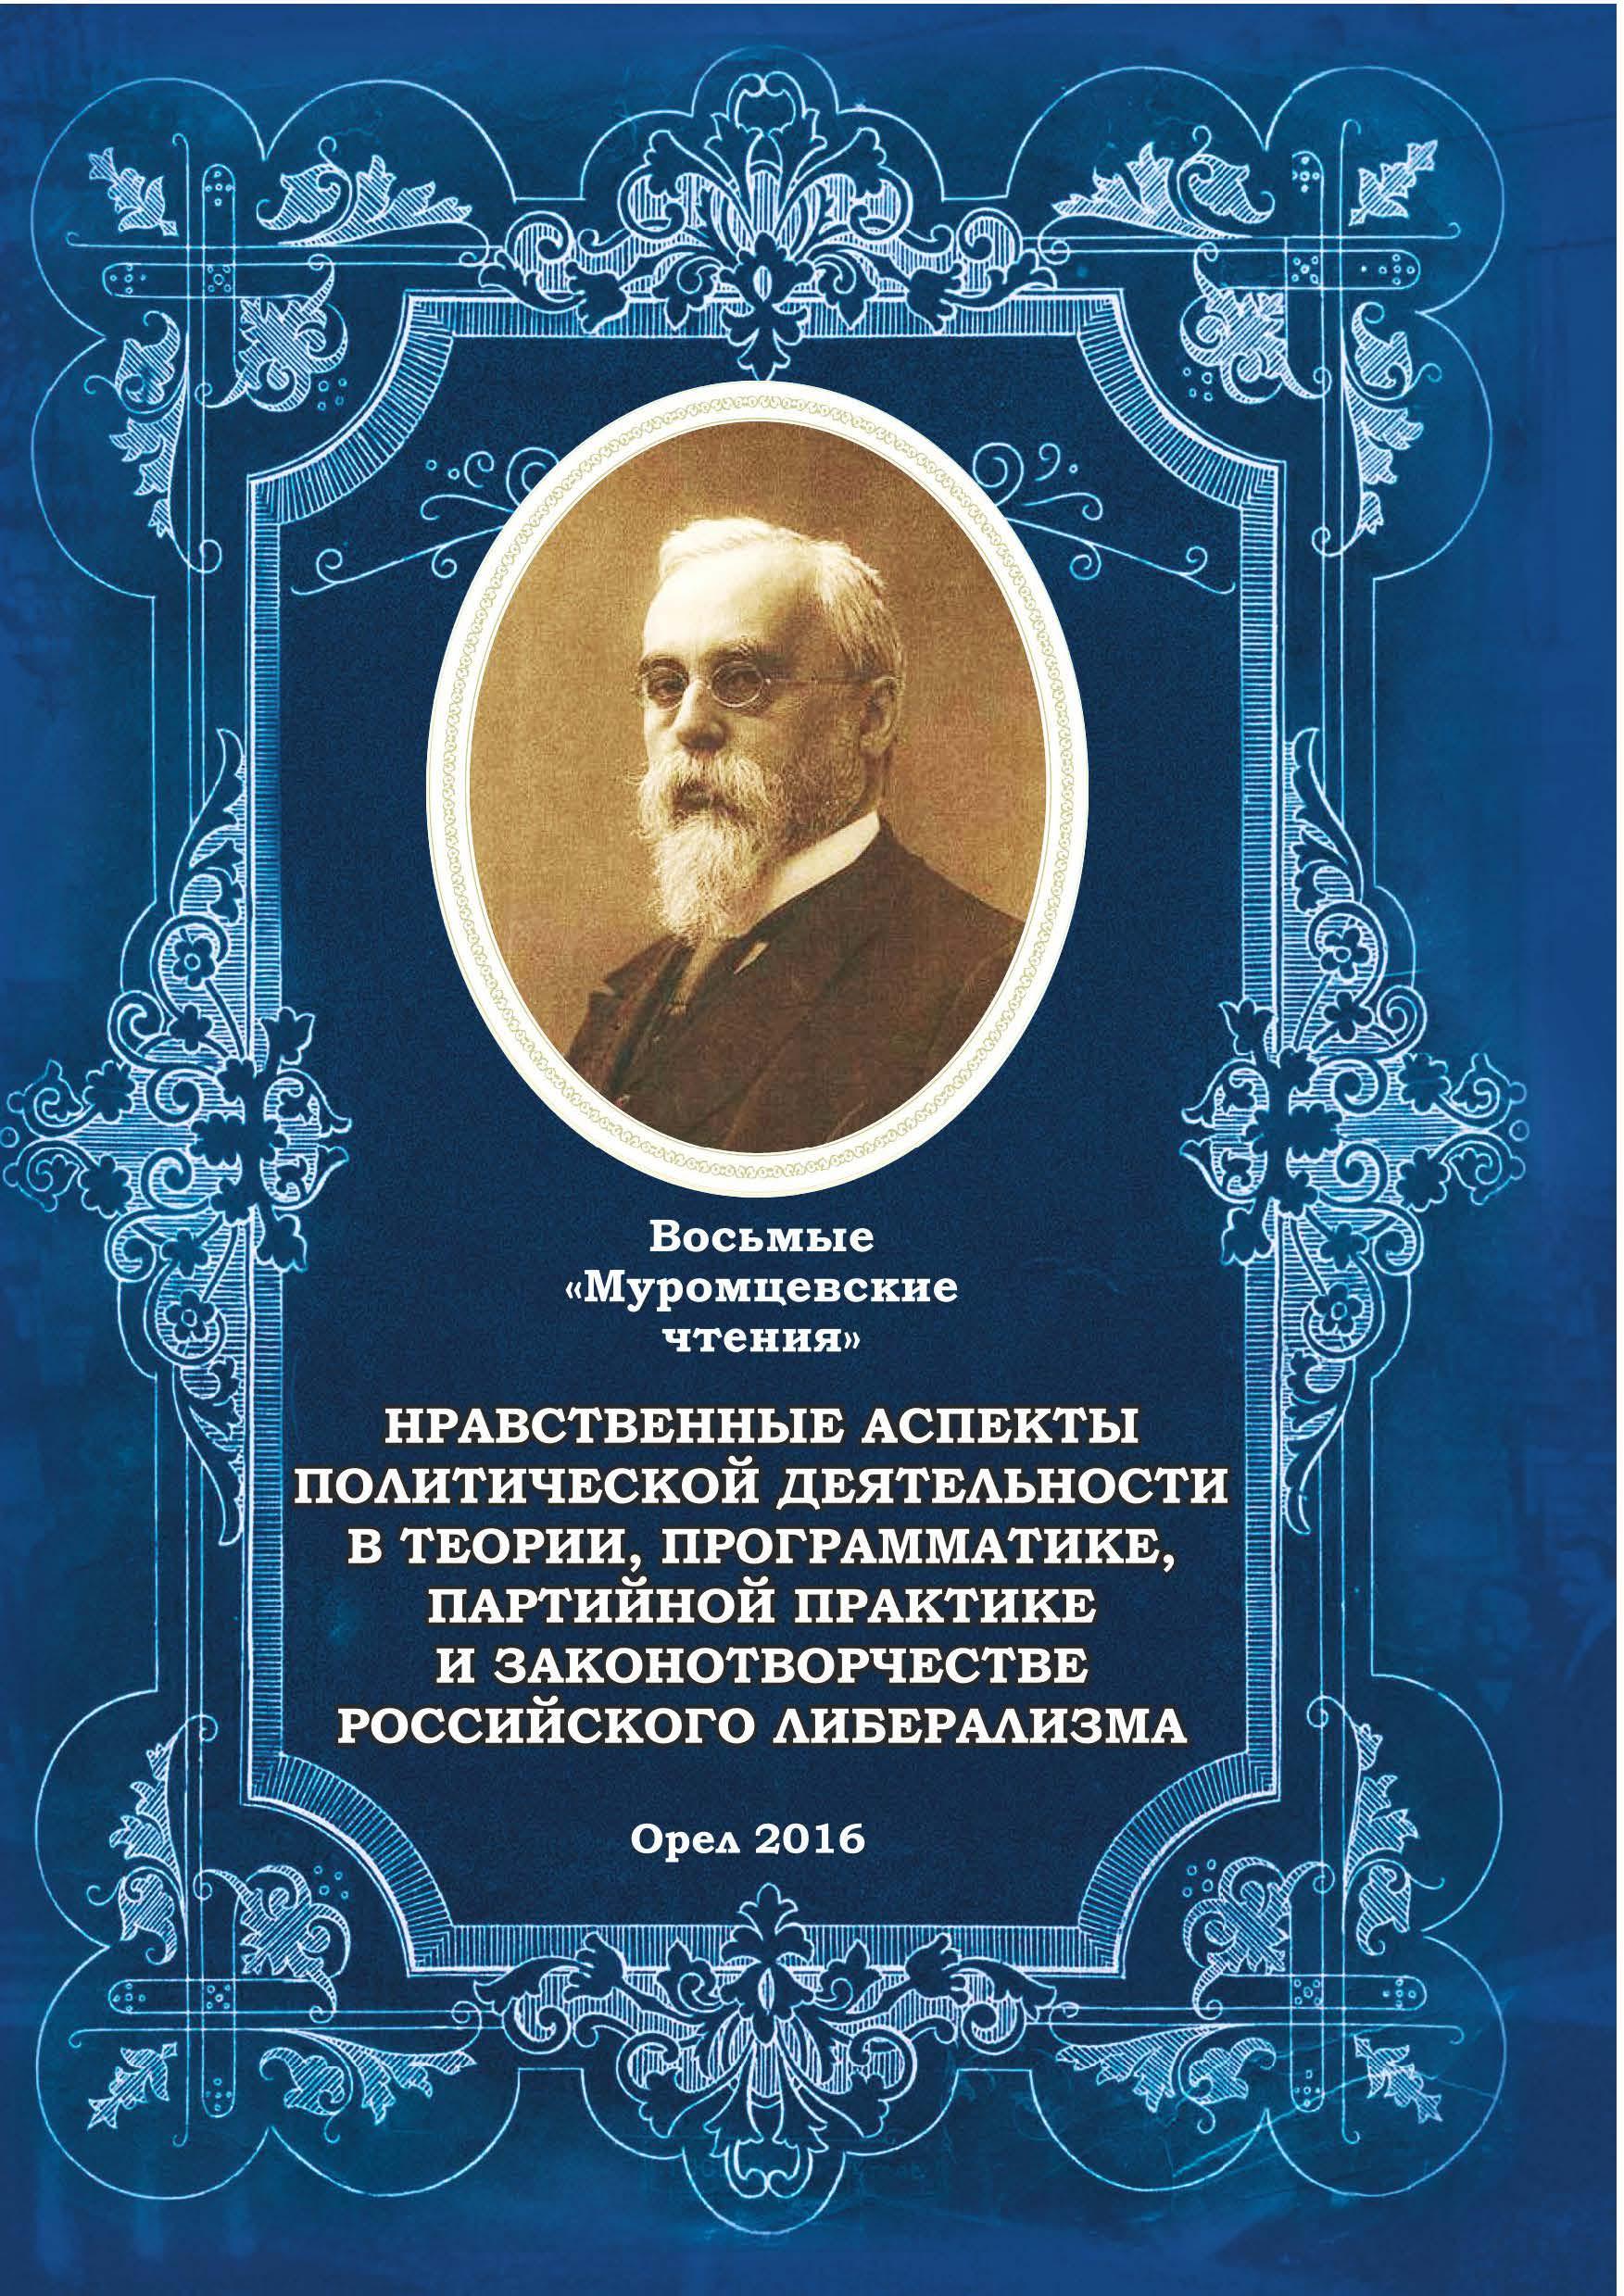 Эсхатологические предчувствие Вл.С. Соловьёва в судьбе Ф.А. Степуна